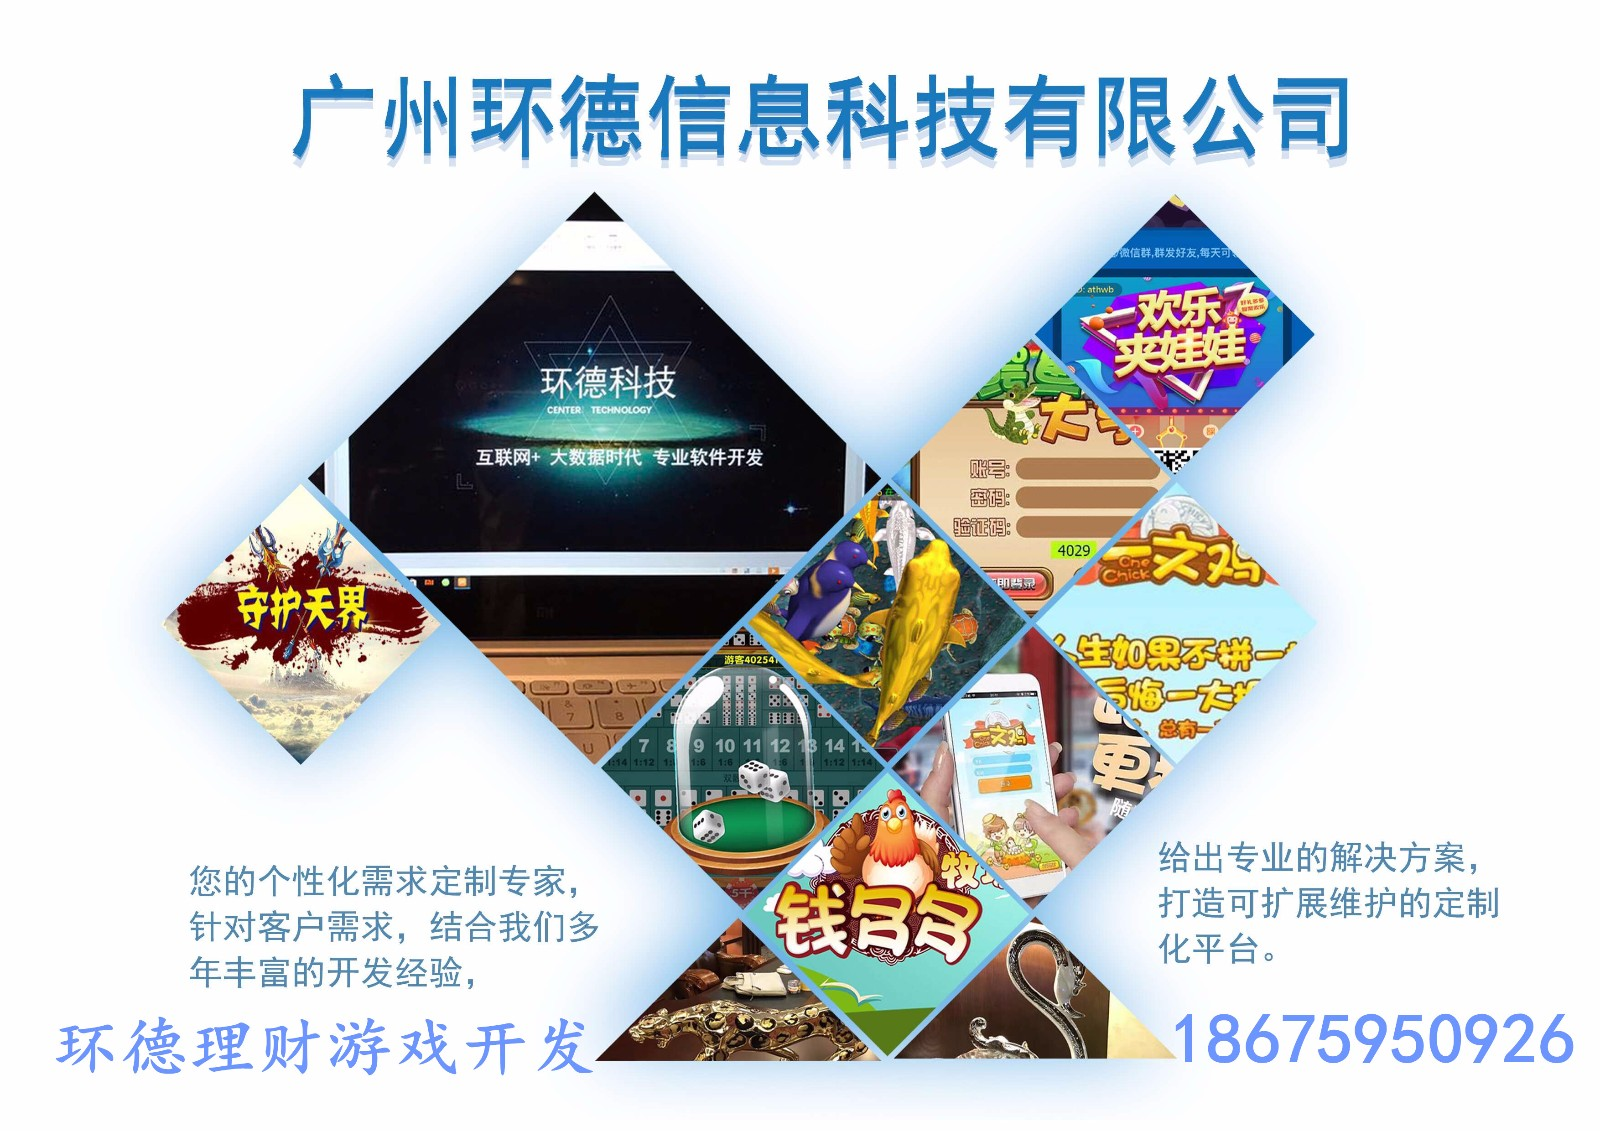 广州环宇科技信息有限公司